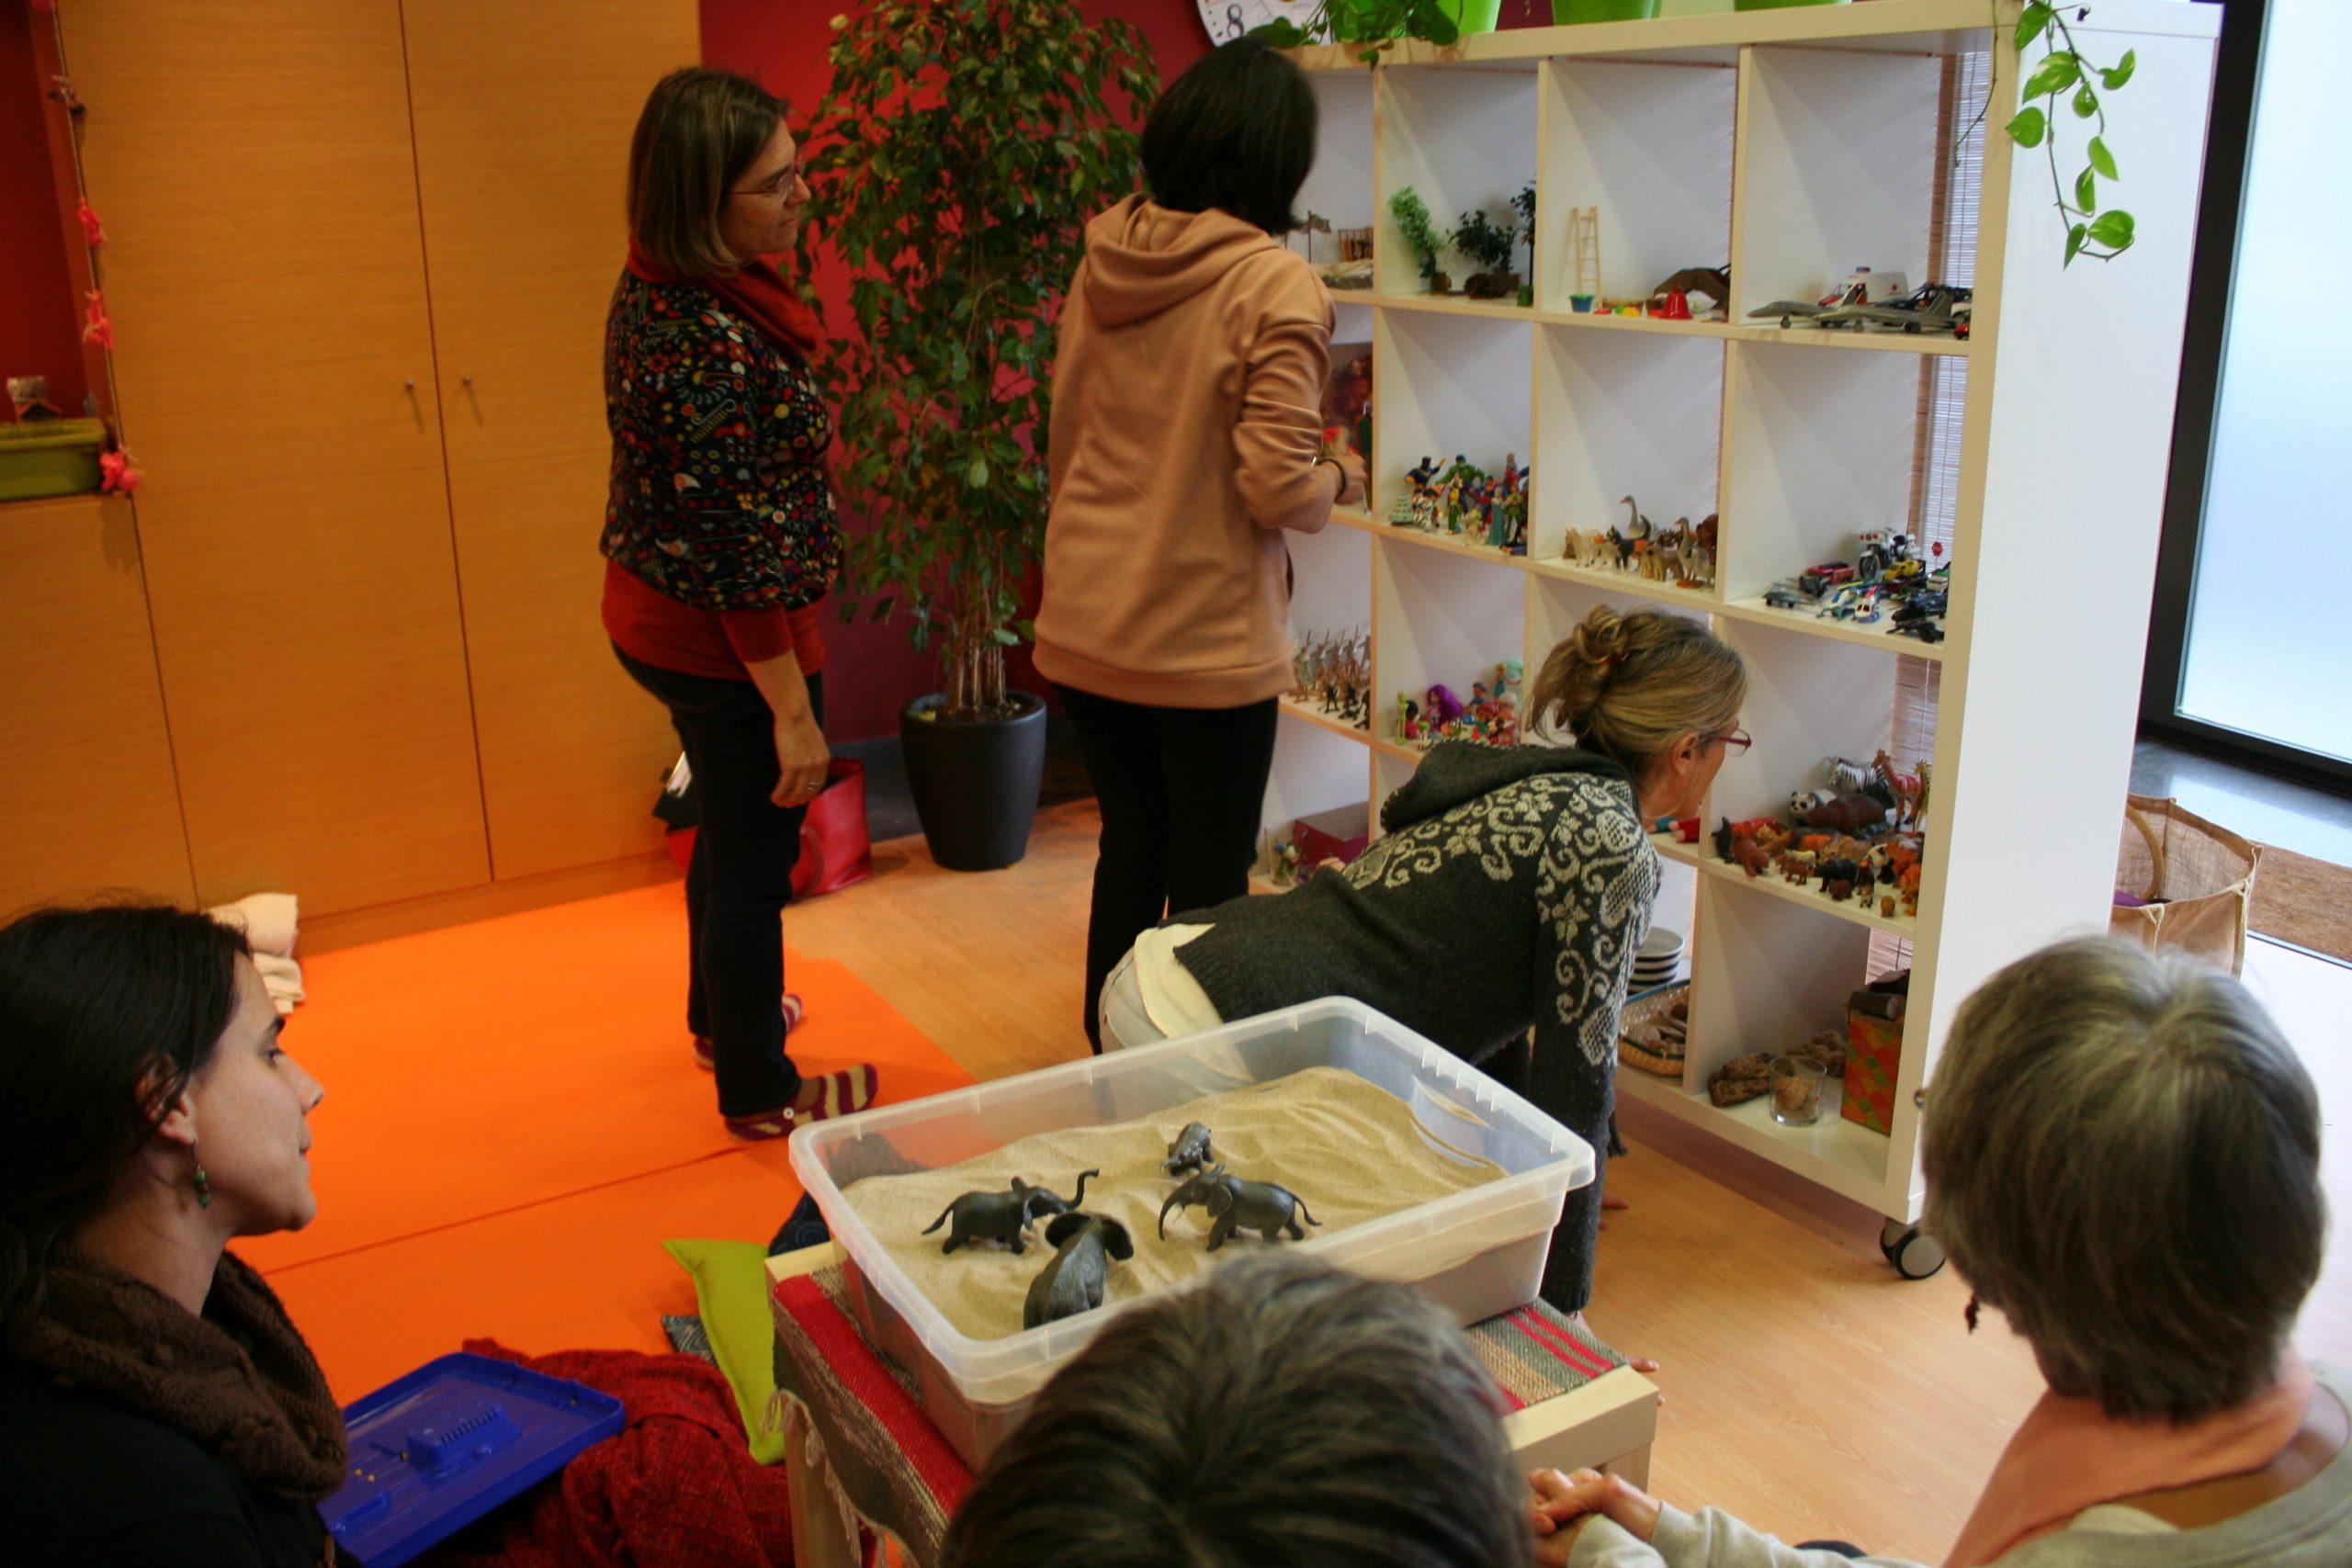 formación de terapia y asesoramiento con muñecos